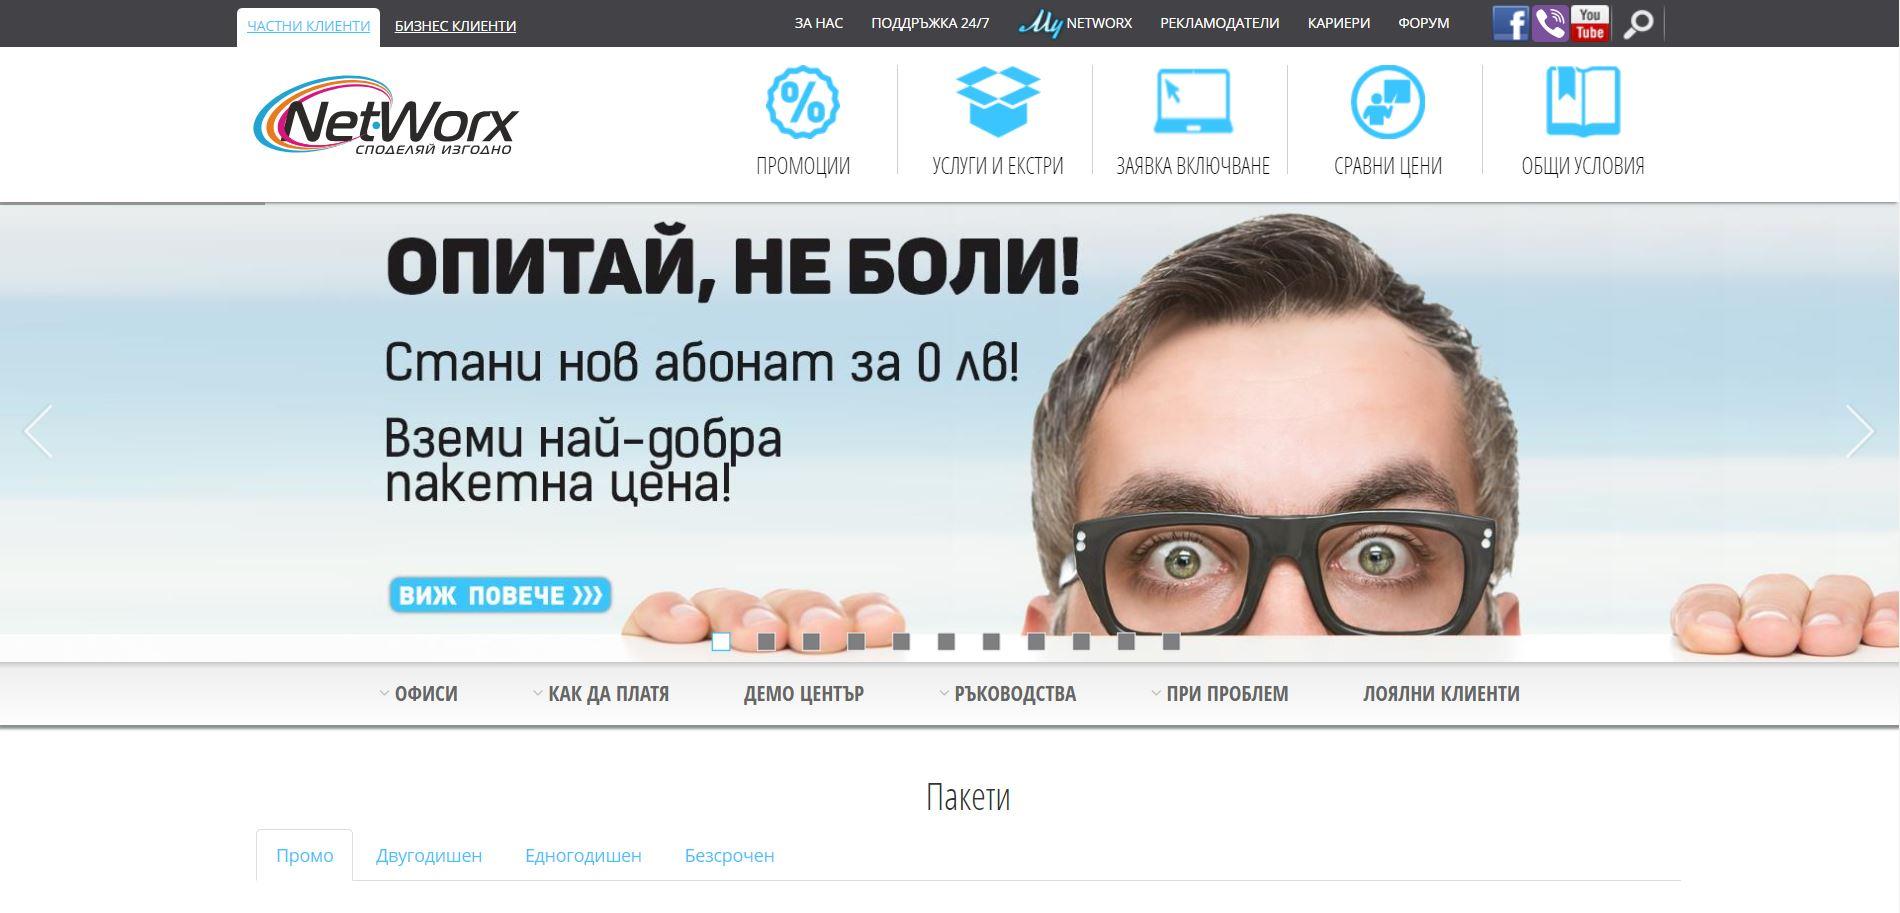 NetworxBG